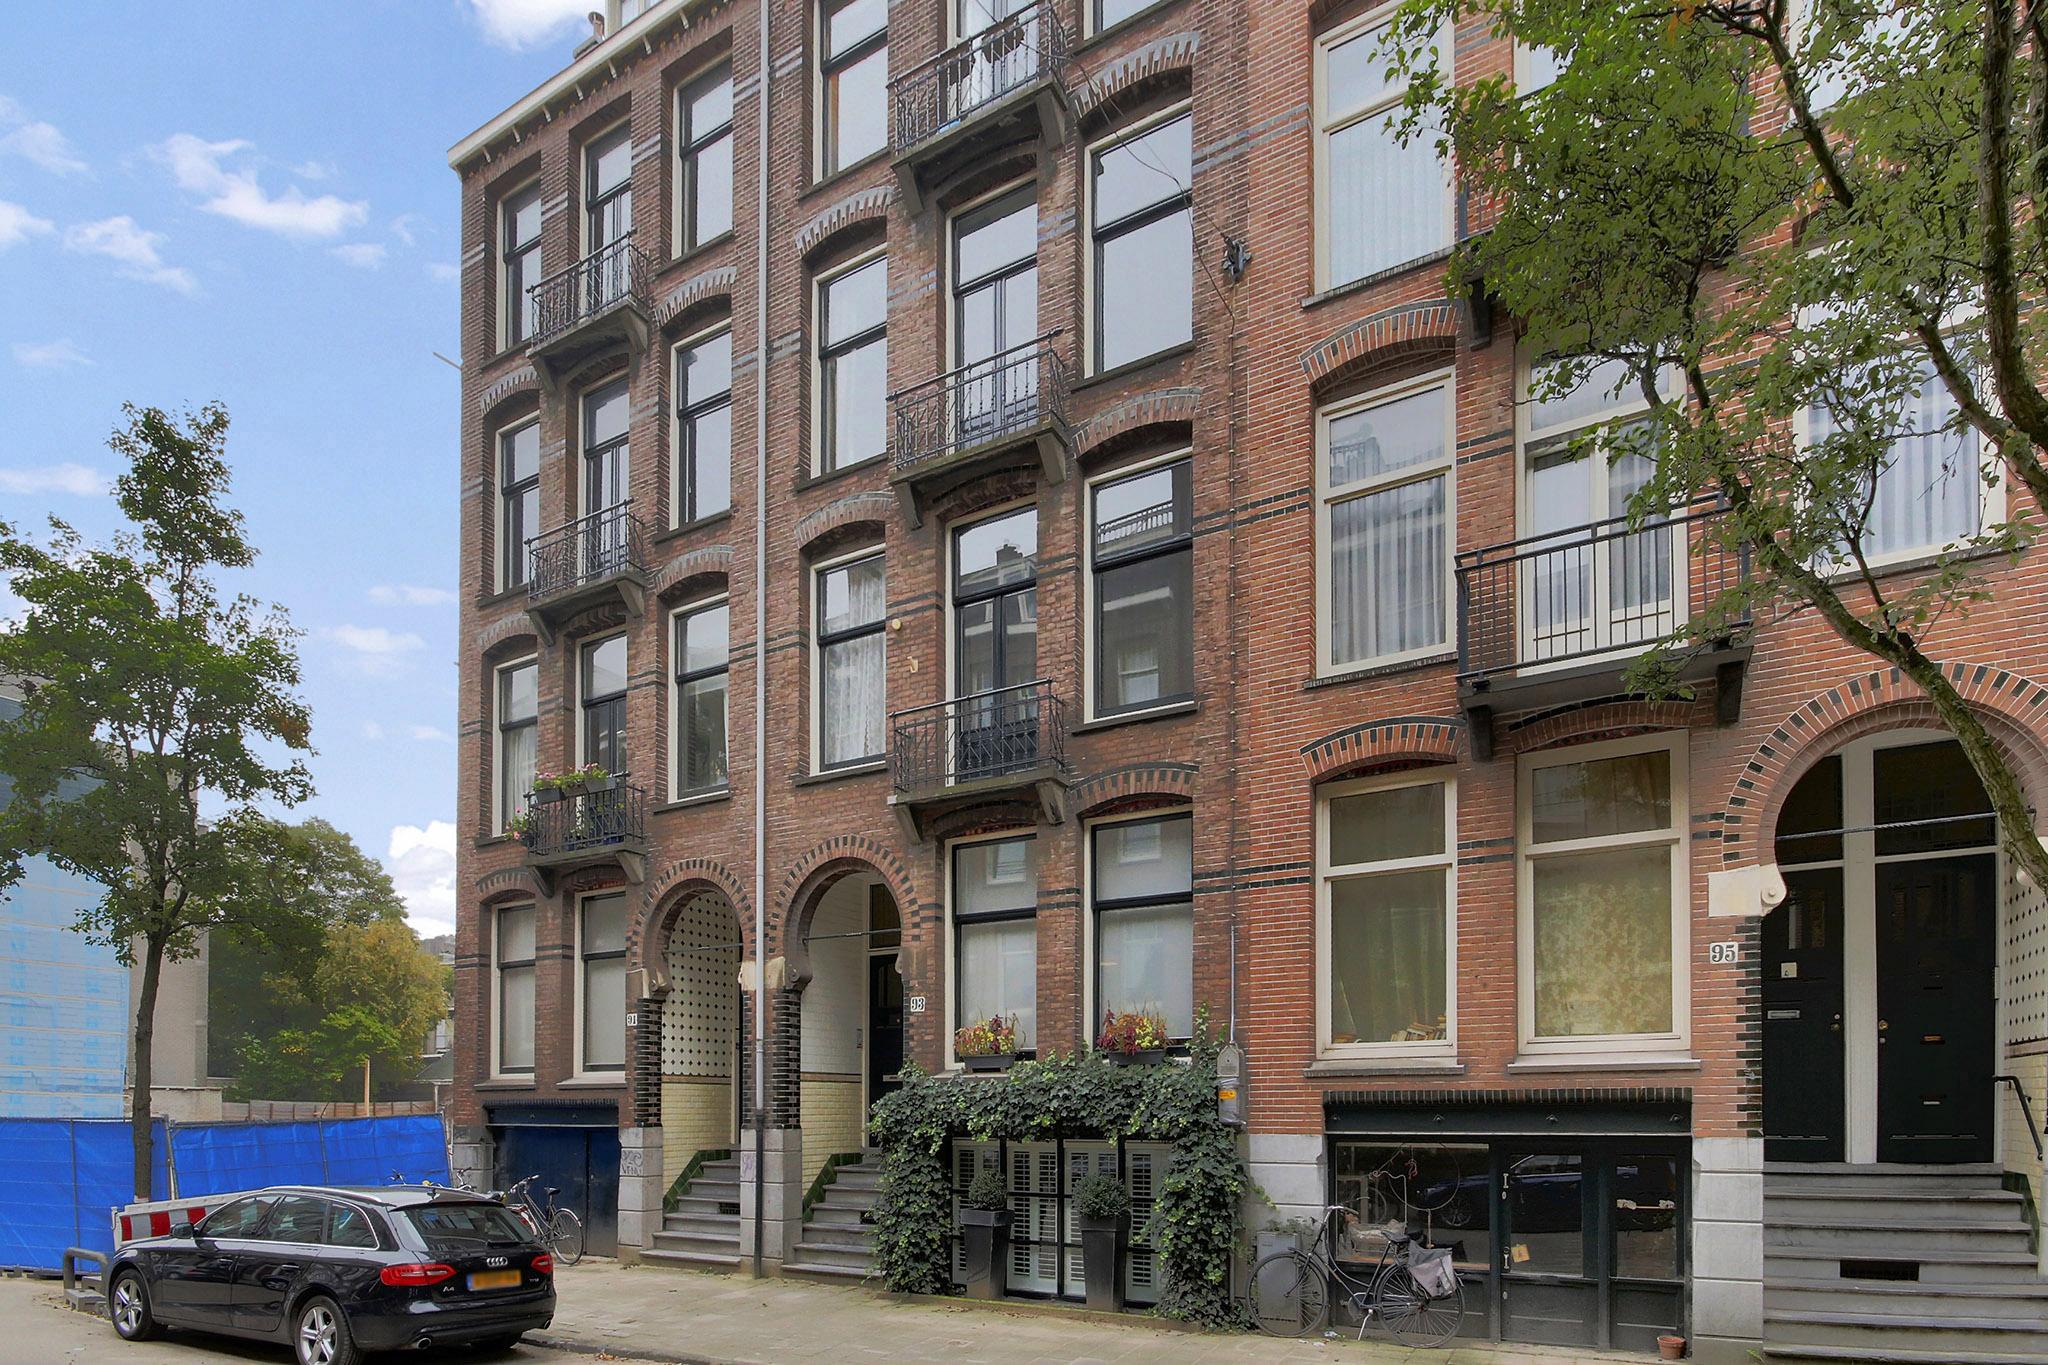 Ruysdaelstraat 93 III